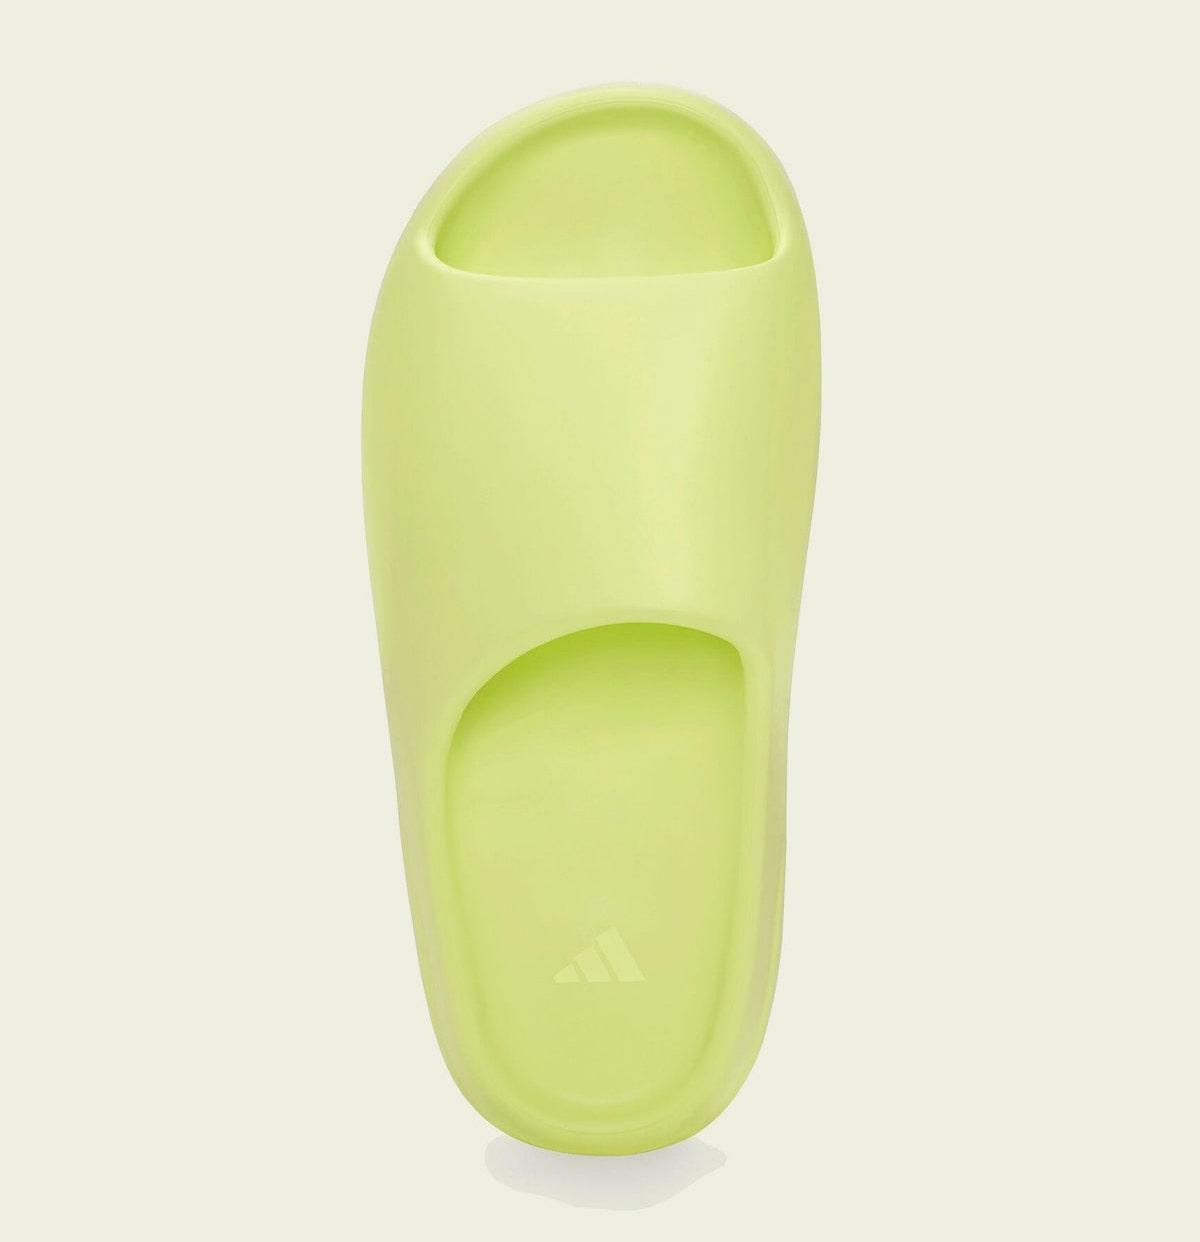 adidas-Yeezy-Slide-Glow-Green-GX6138-Release-Date-3